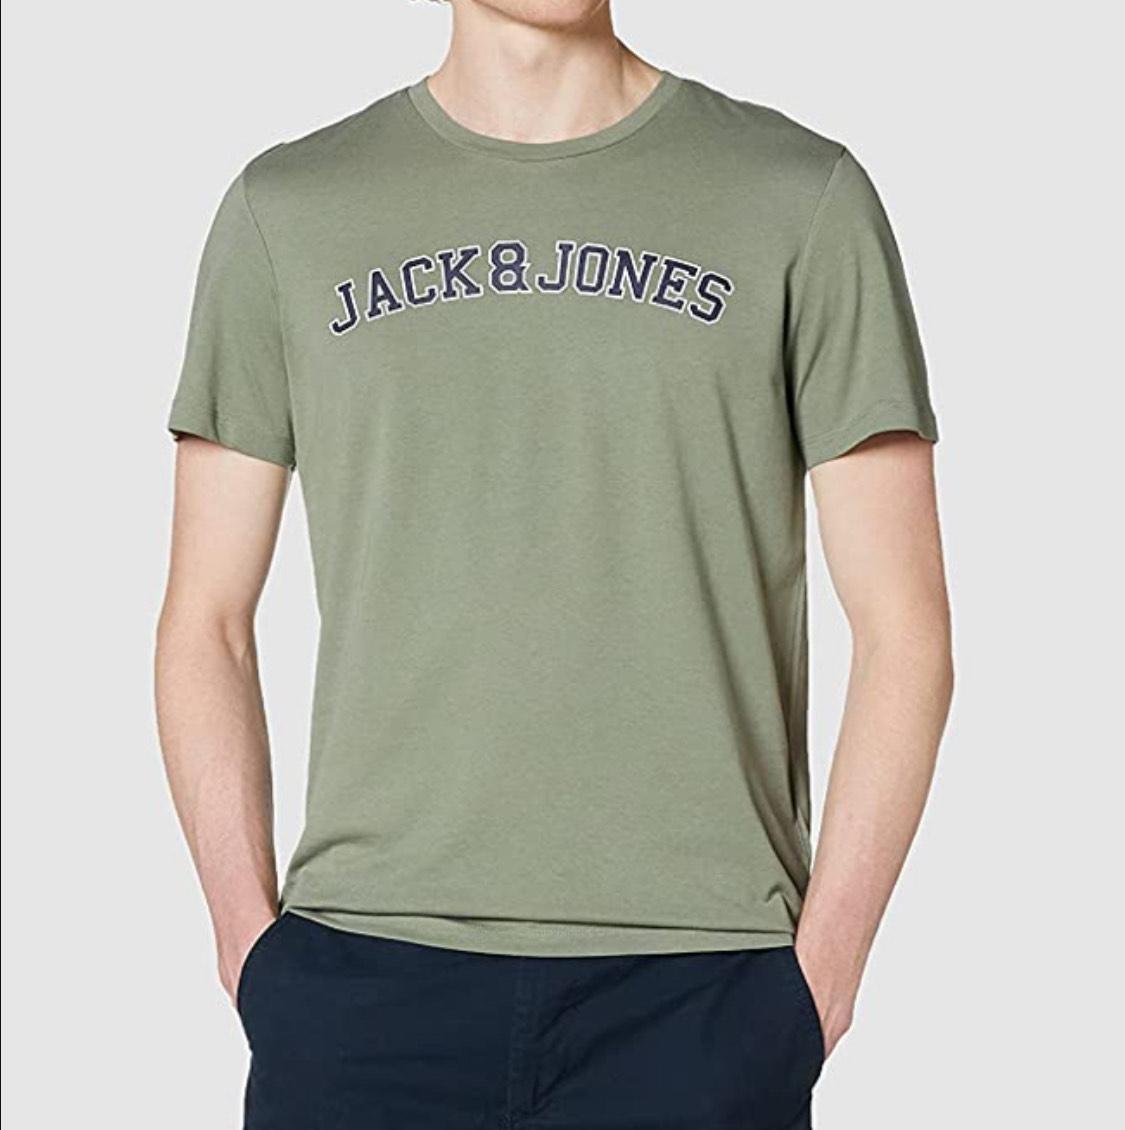 Camiseta Jack & Jones adulto tallas L y XL (S y M poco stock)